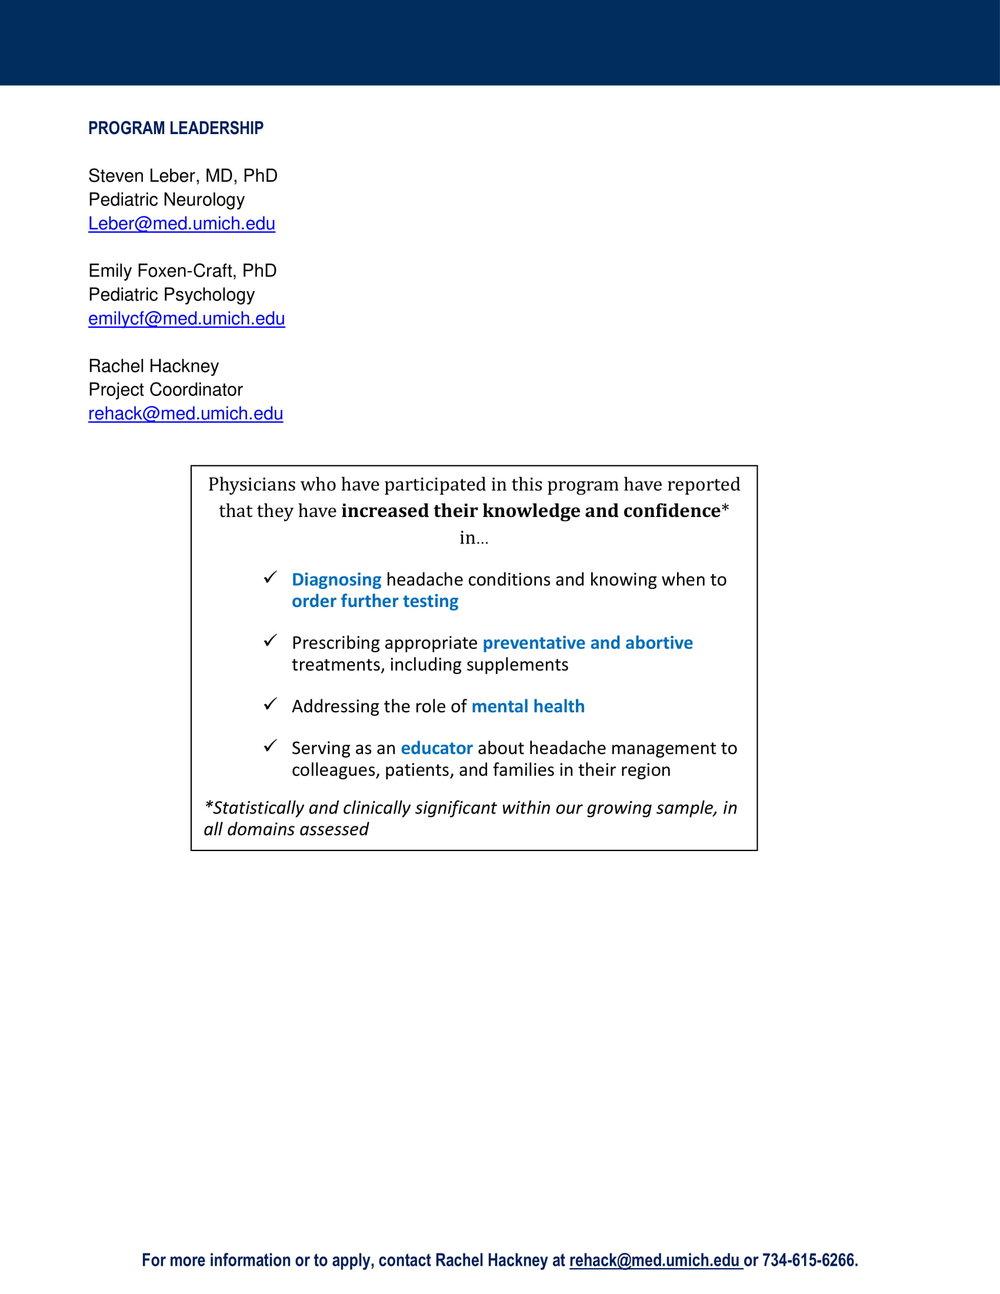 Pediatric ECHO Headache Program 3 - info sheet-3.jpg